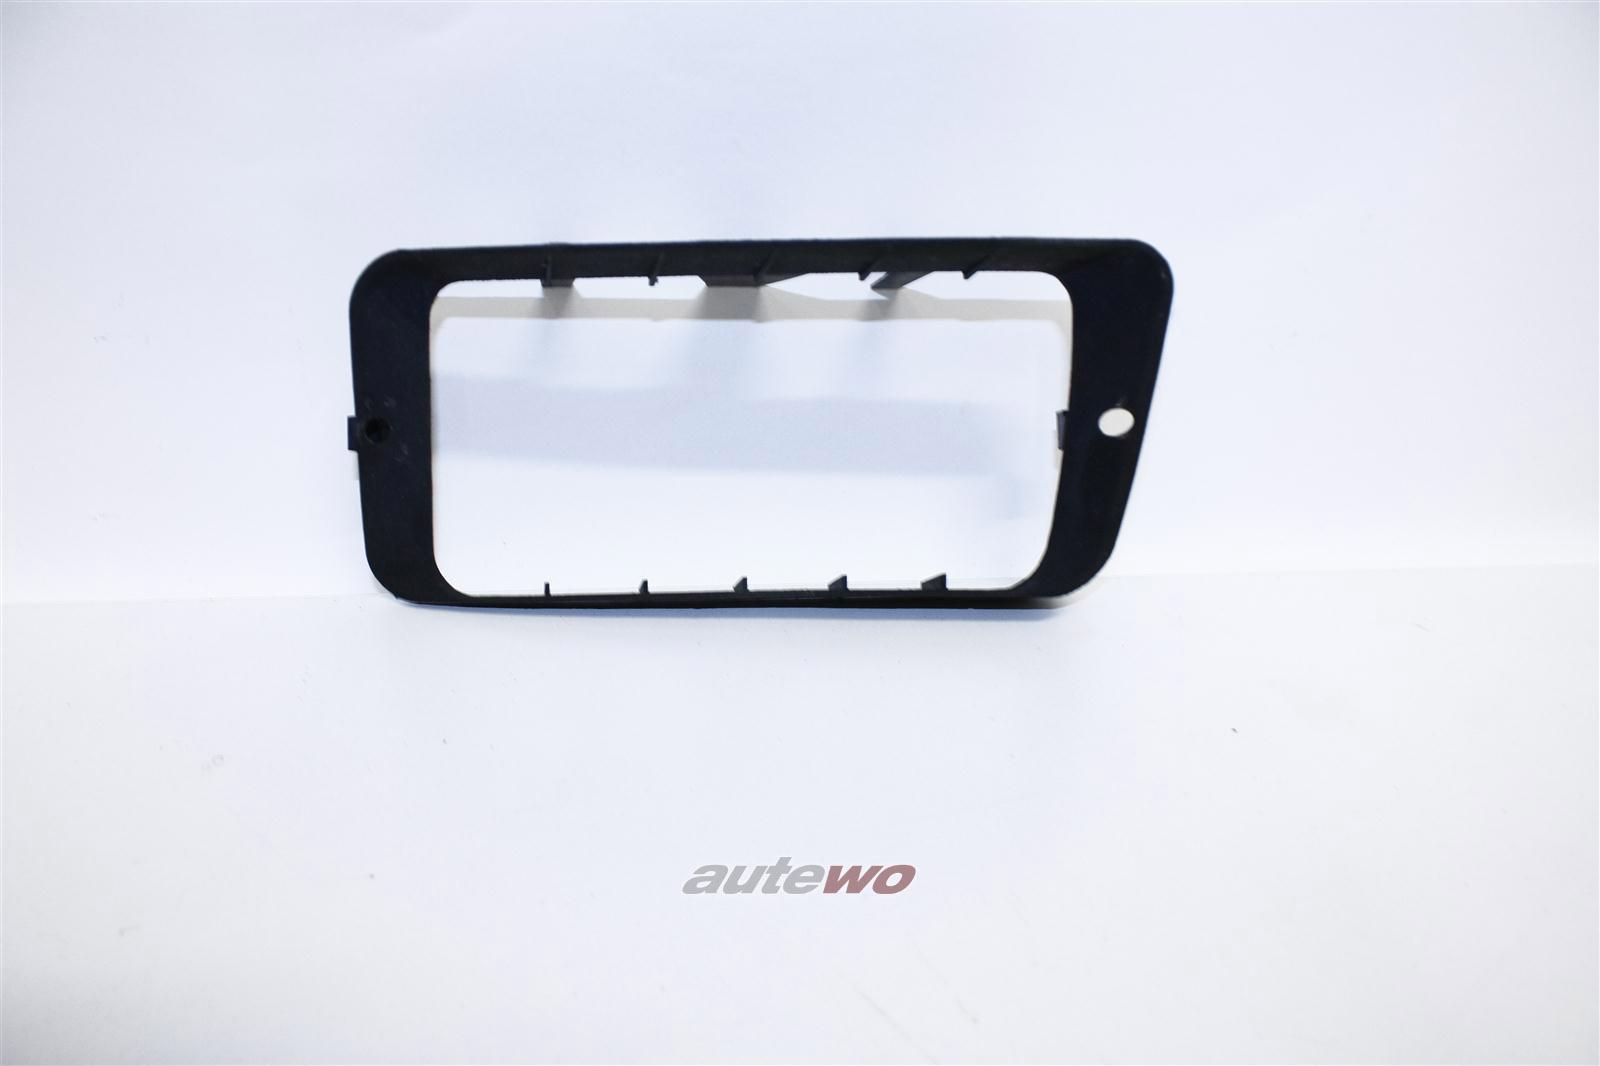 Audi 100/200 Typ 44 Abdeckung Nebelscheinwerfer/Blinker VR 443807490